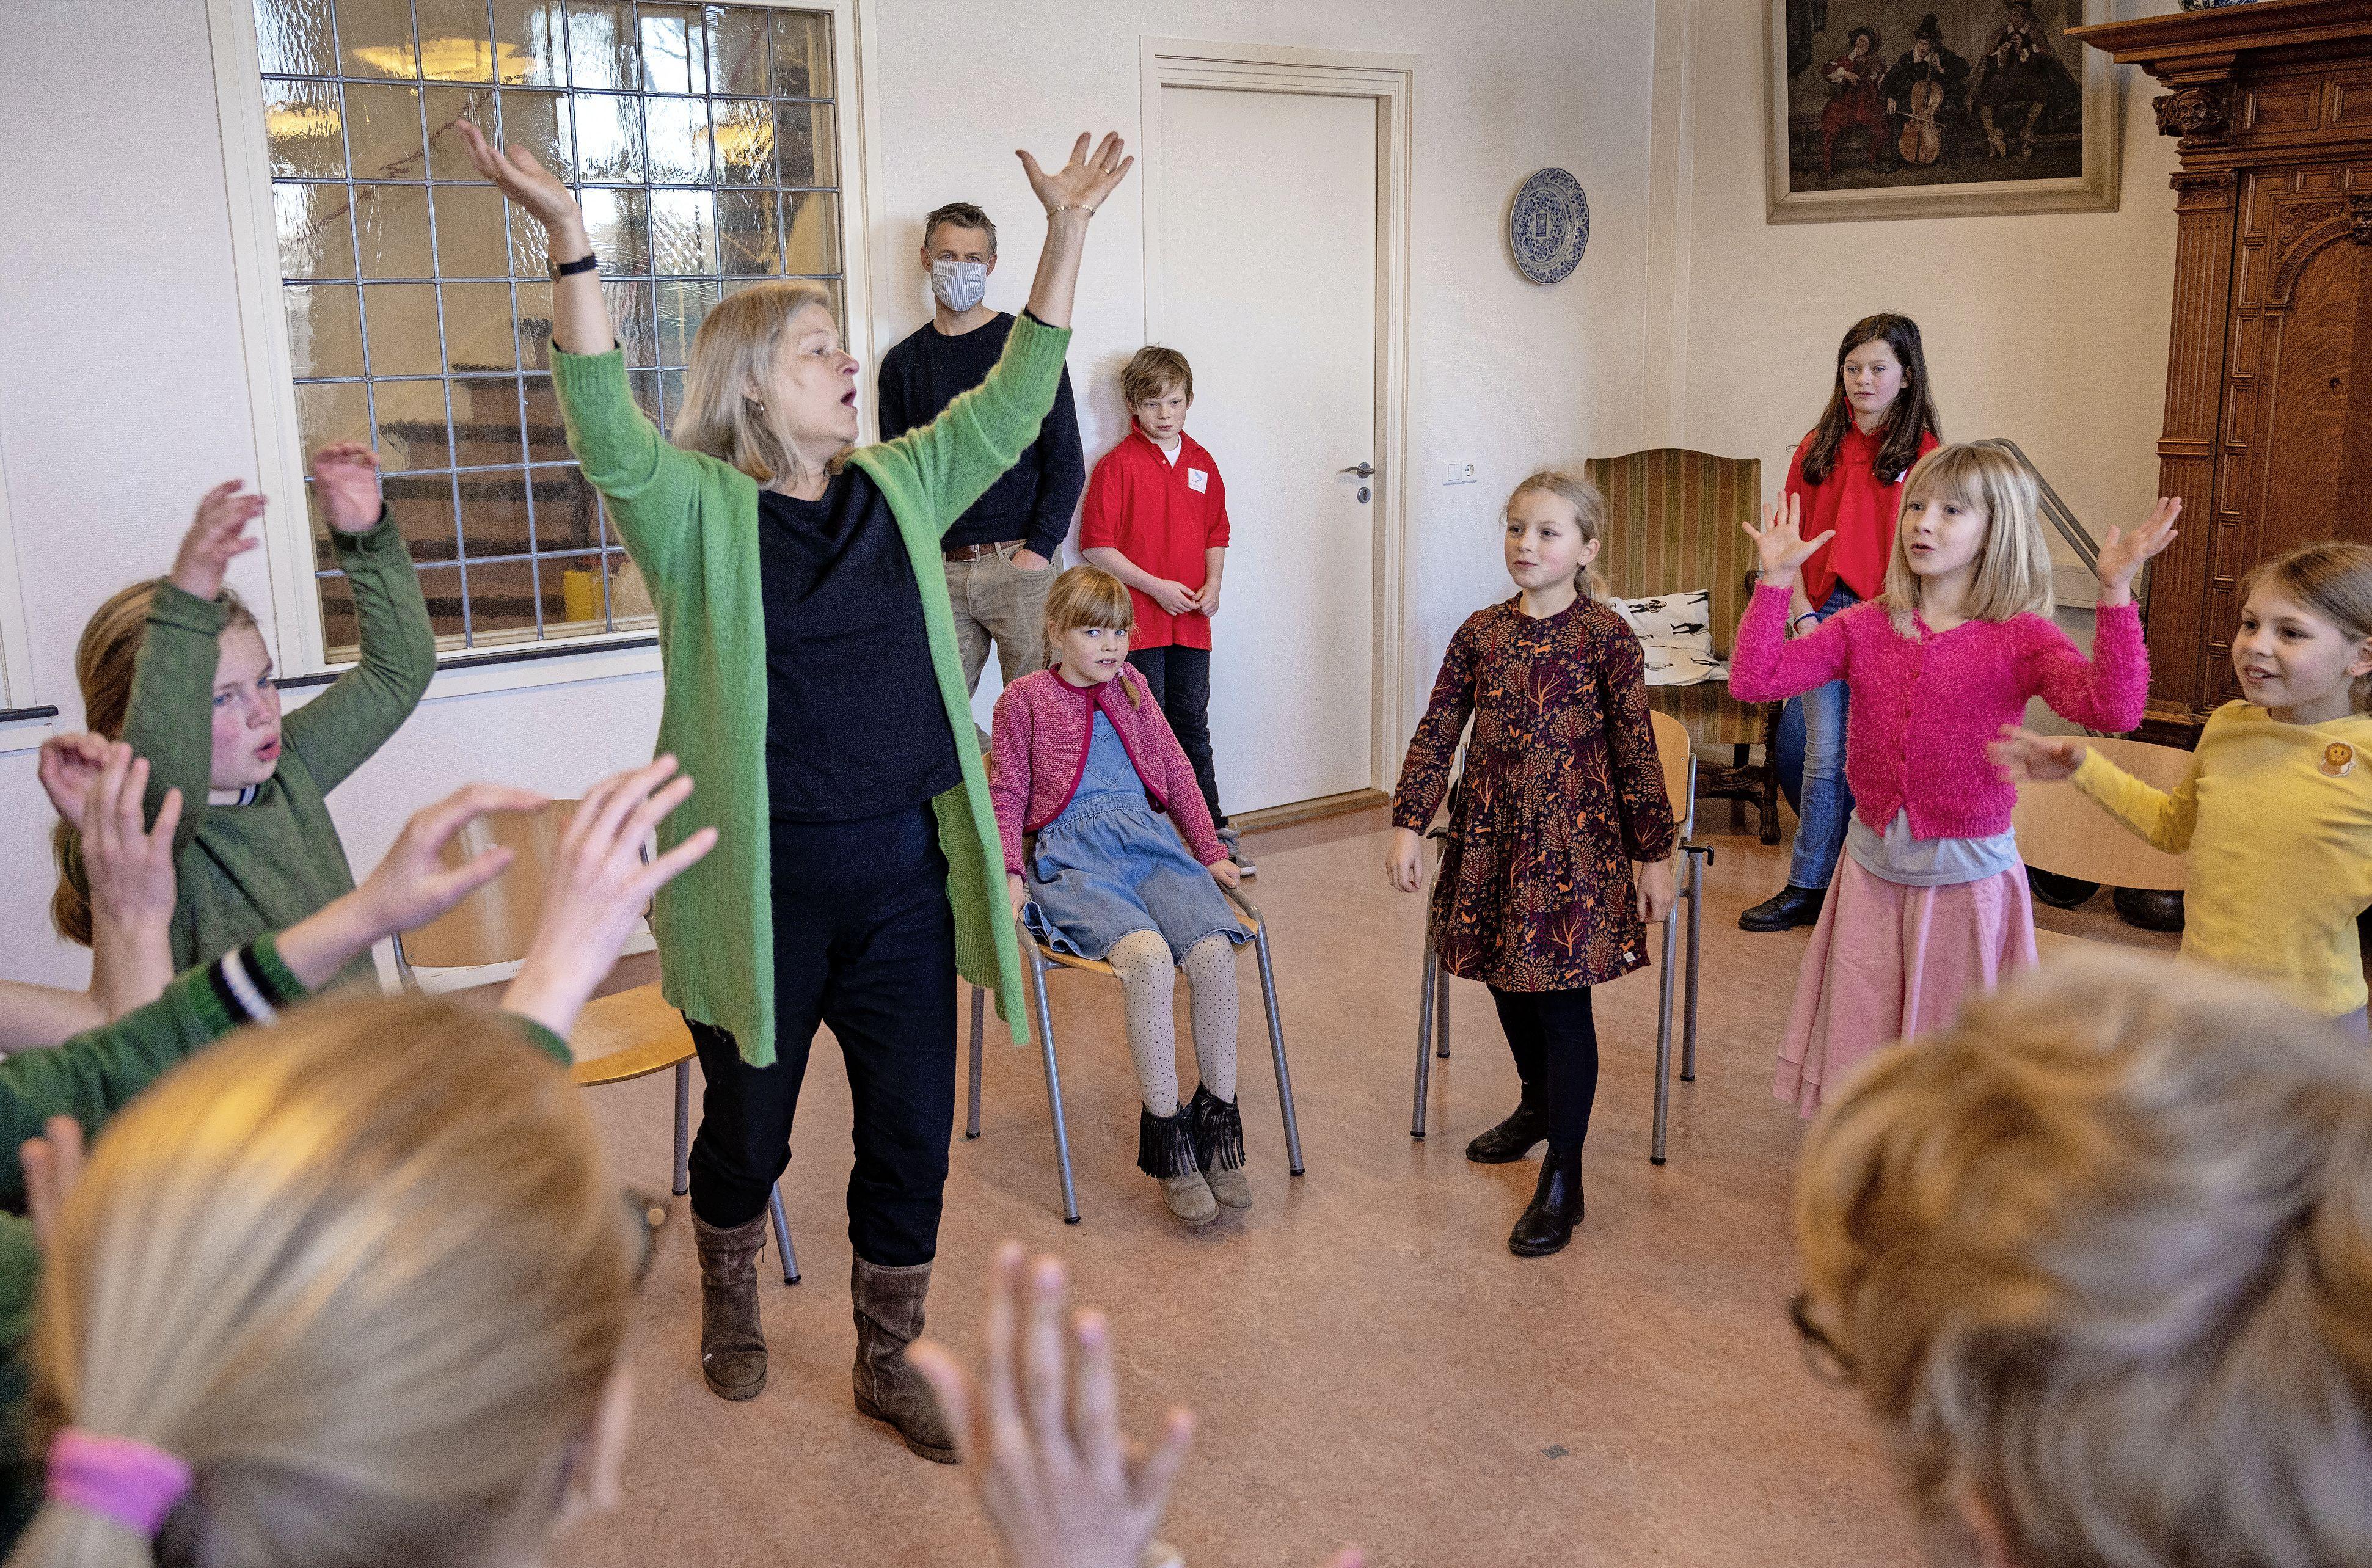 Privé-rondleidingen op de Haarlemse koorschool: 'Dat er muziek door de gangen klinkt, hoort erbij'